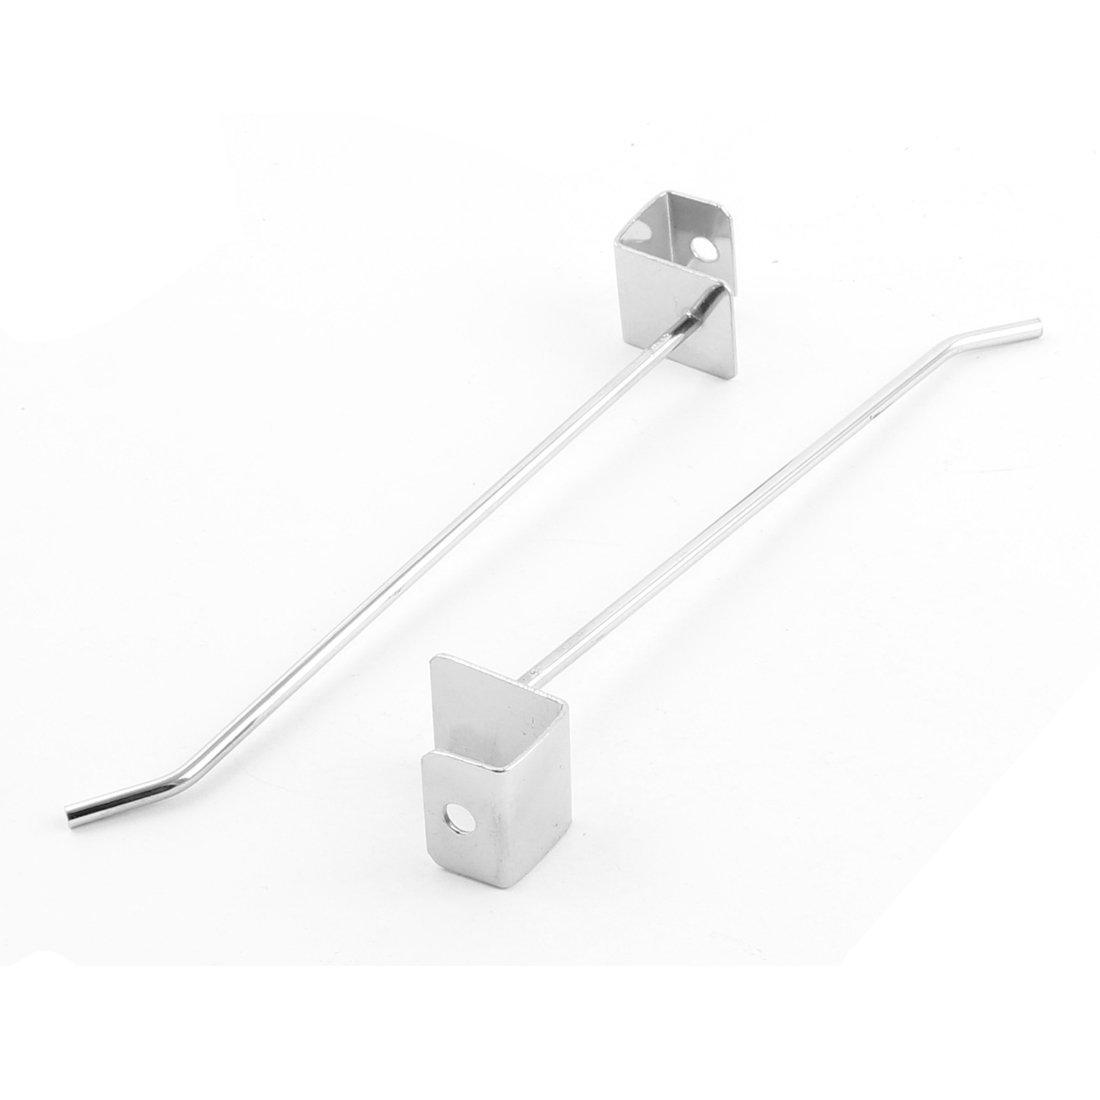 Amazon.com: eDealMax Toallas Metal Suspensión de ropa que cuelga exhibición de gancho del listón ganchos de pared 6pcs: Home & Kitchen